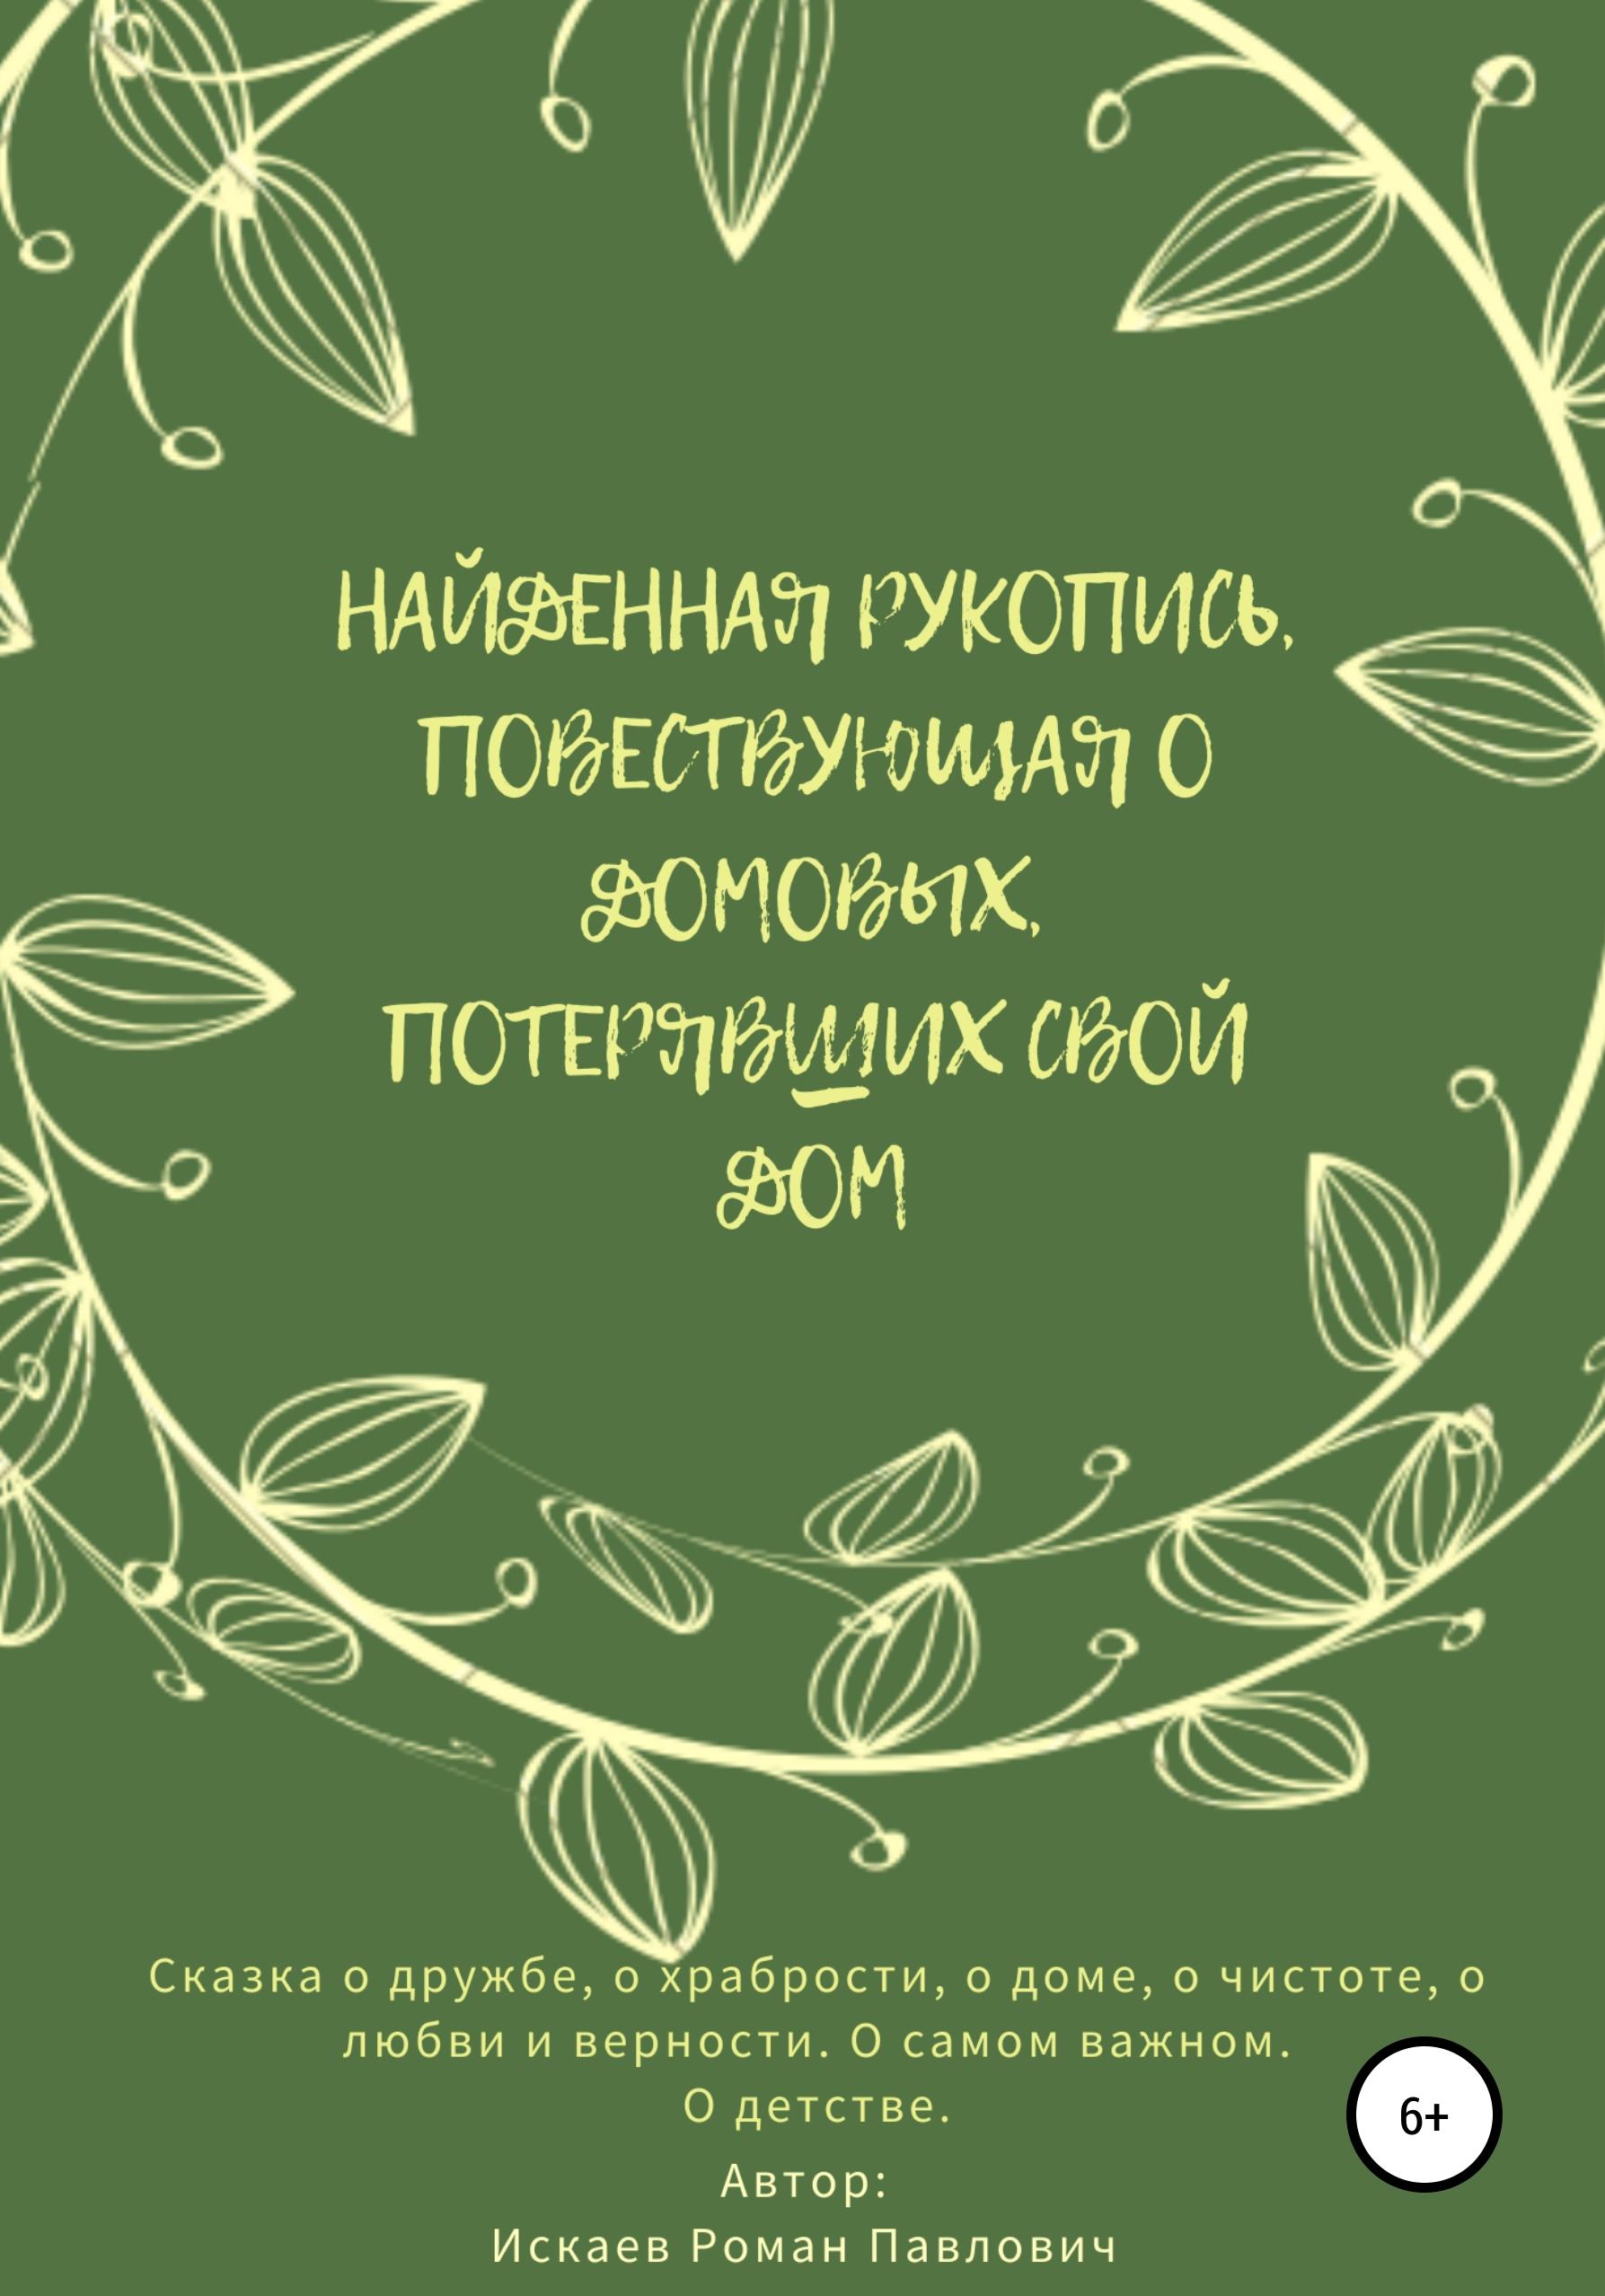 Купить книгу Найденная рукопись, повествующая о домовых, потерявших свой дом, автора Романа Павловича Искаева